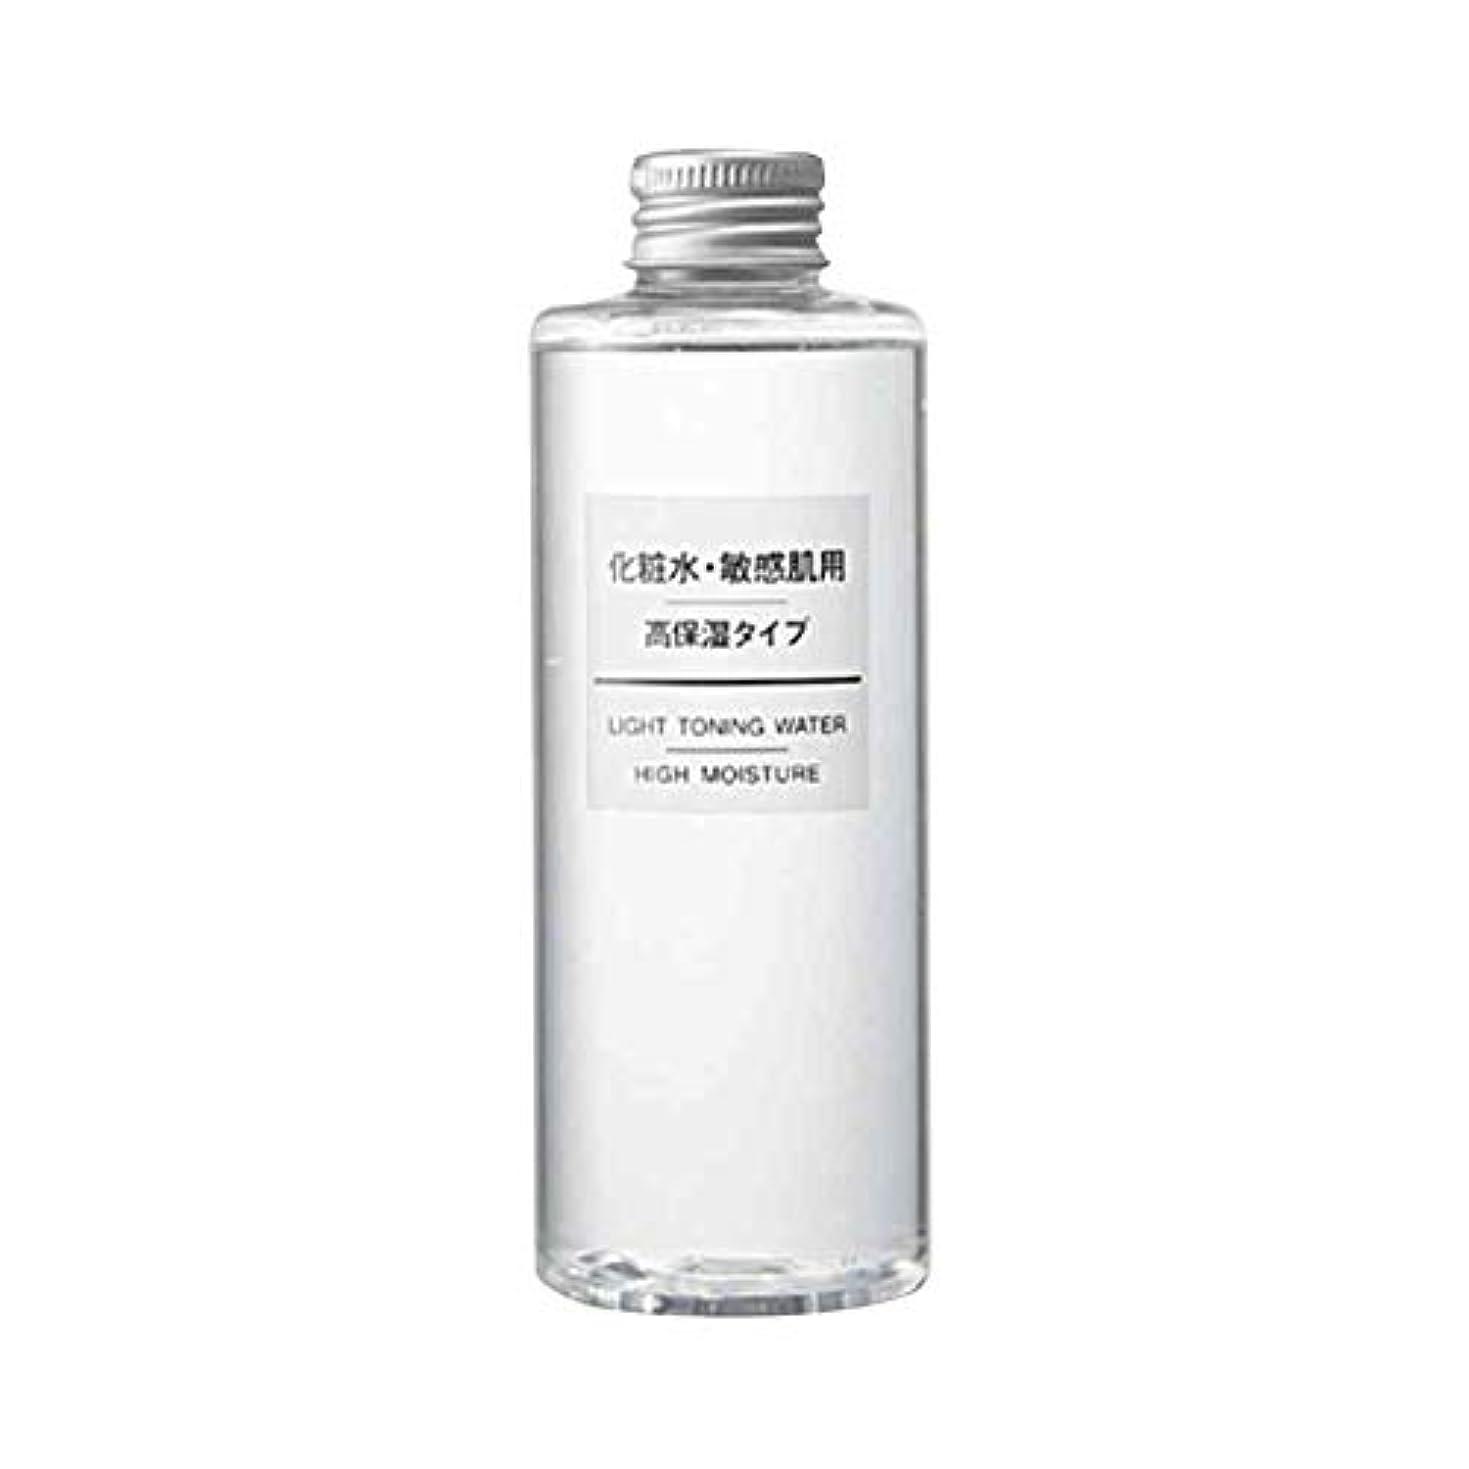 受け入れた間隔ラショナル無印良品 化粧水?敏感肌用?高保湿タイプ 200ml